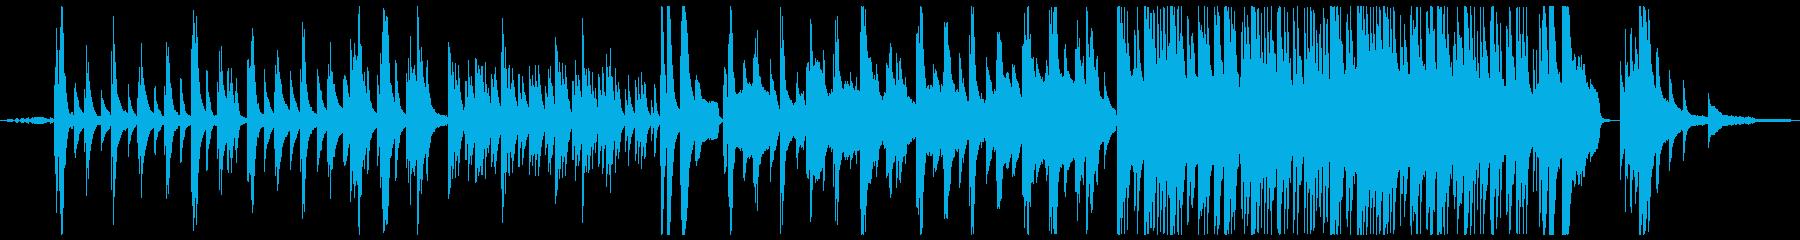 【蝉声付き】綺麗でノスタルジックなピアノの再生済みの波形